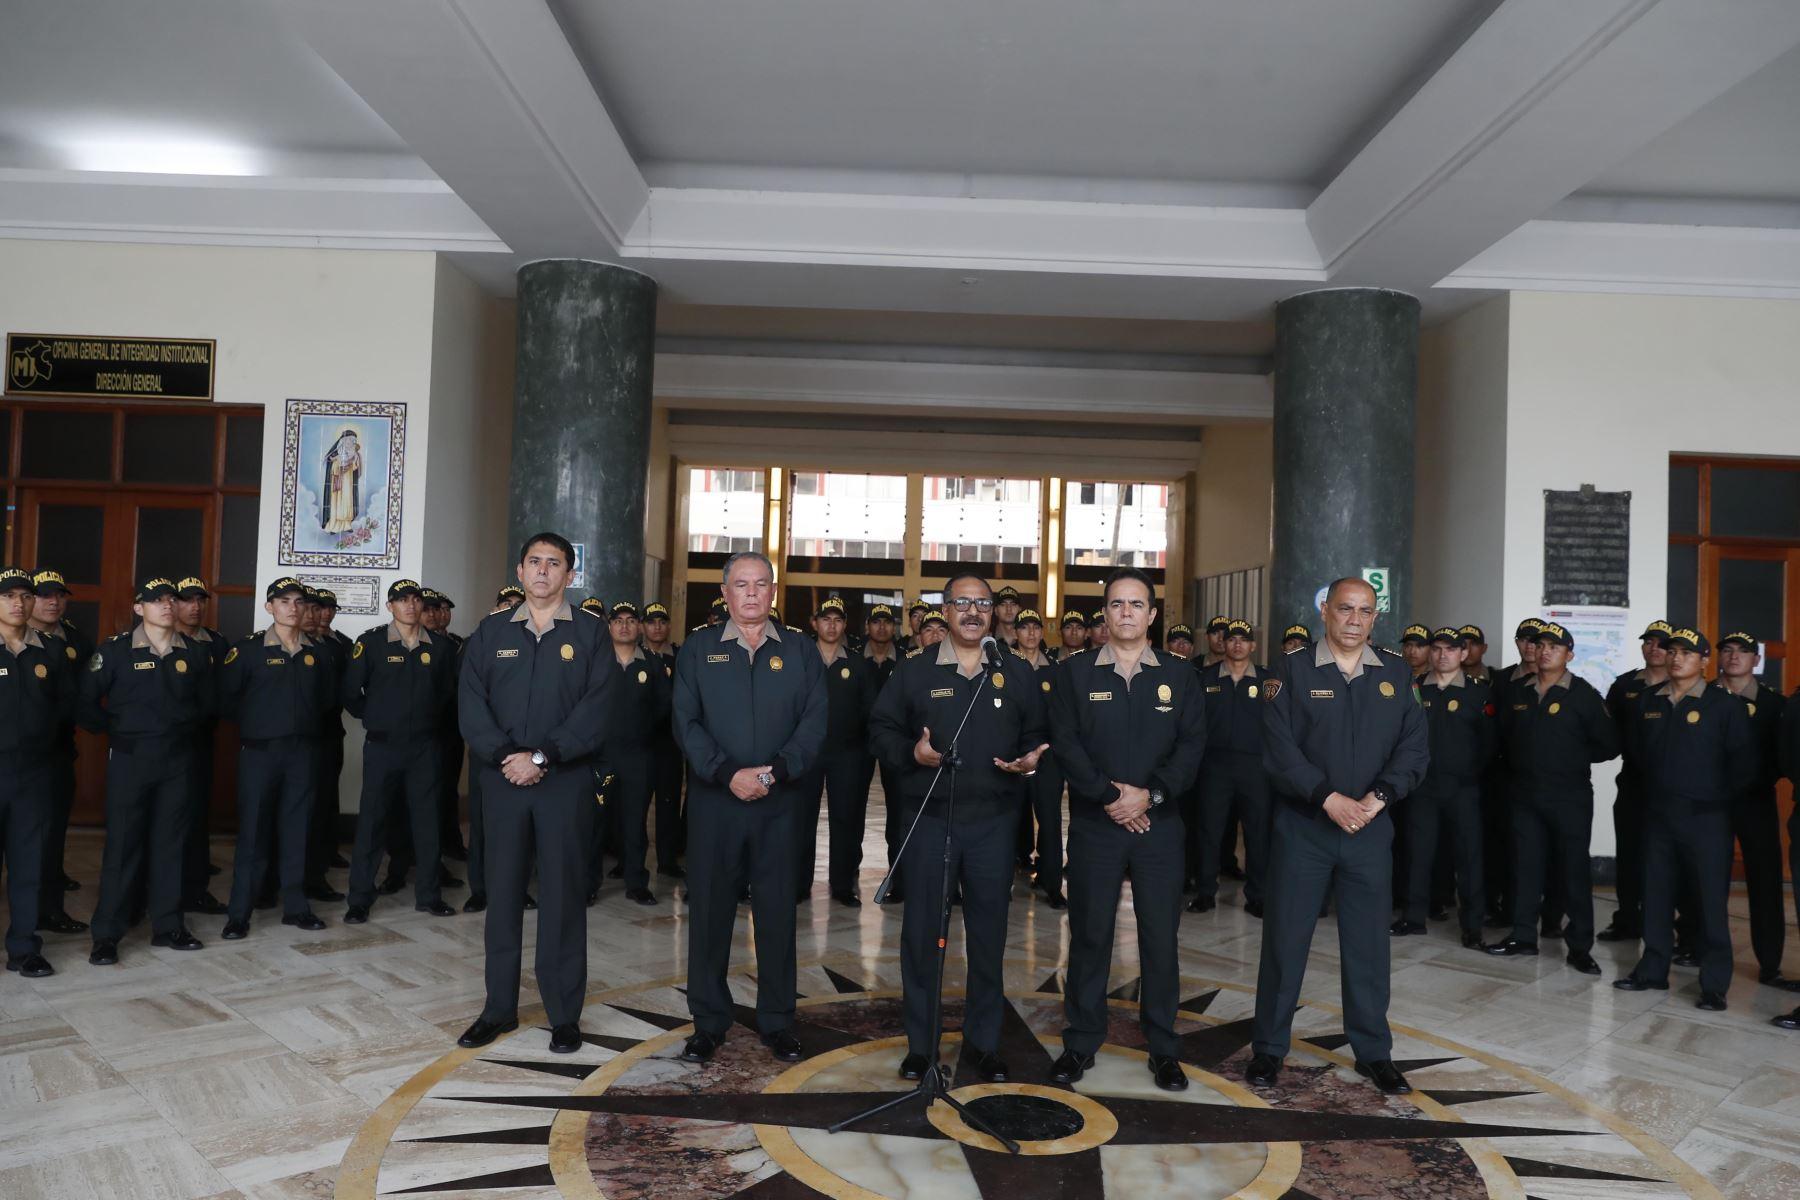 El Poder Ejecutivo, a través del Ministerio del Interior, reasignó en sus funciones a generales del Alto Mando de la Policía Nacional del Perú (PNP). Foto: ANDINA/Renato Pajuelo